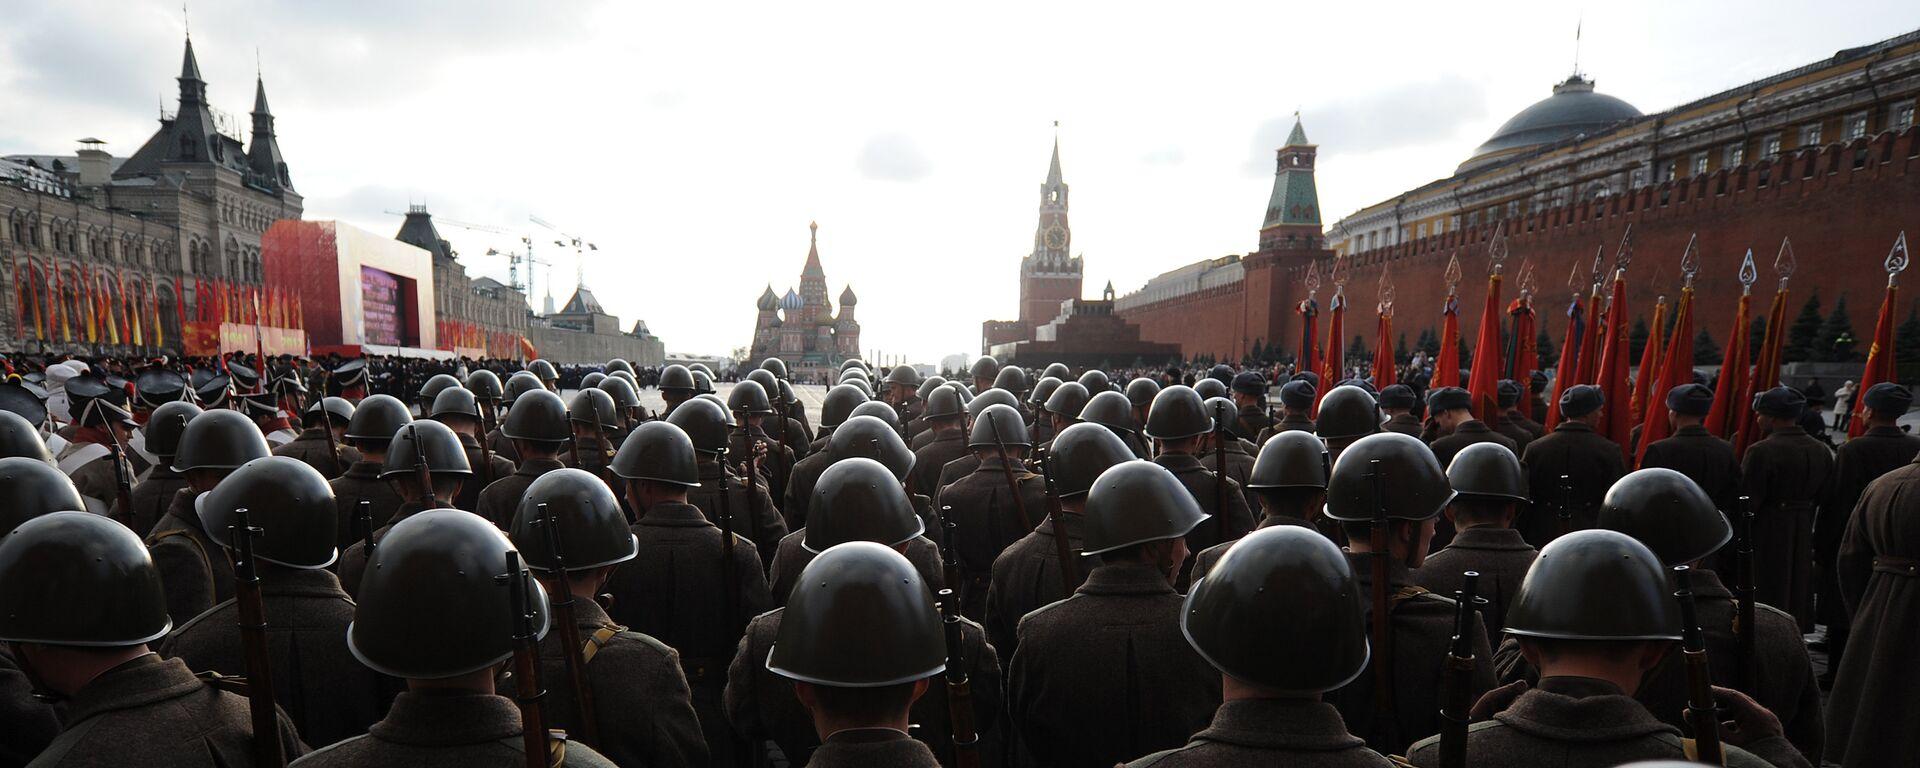 Próba generalna parady wojskowej w Moskwie - Sputnik Polska, 1920, 09.06.2021